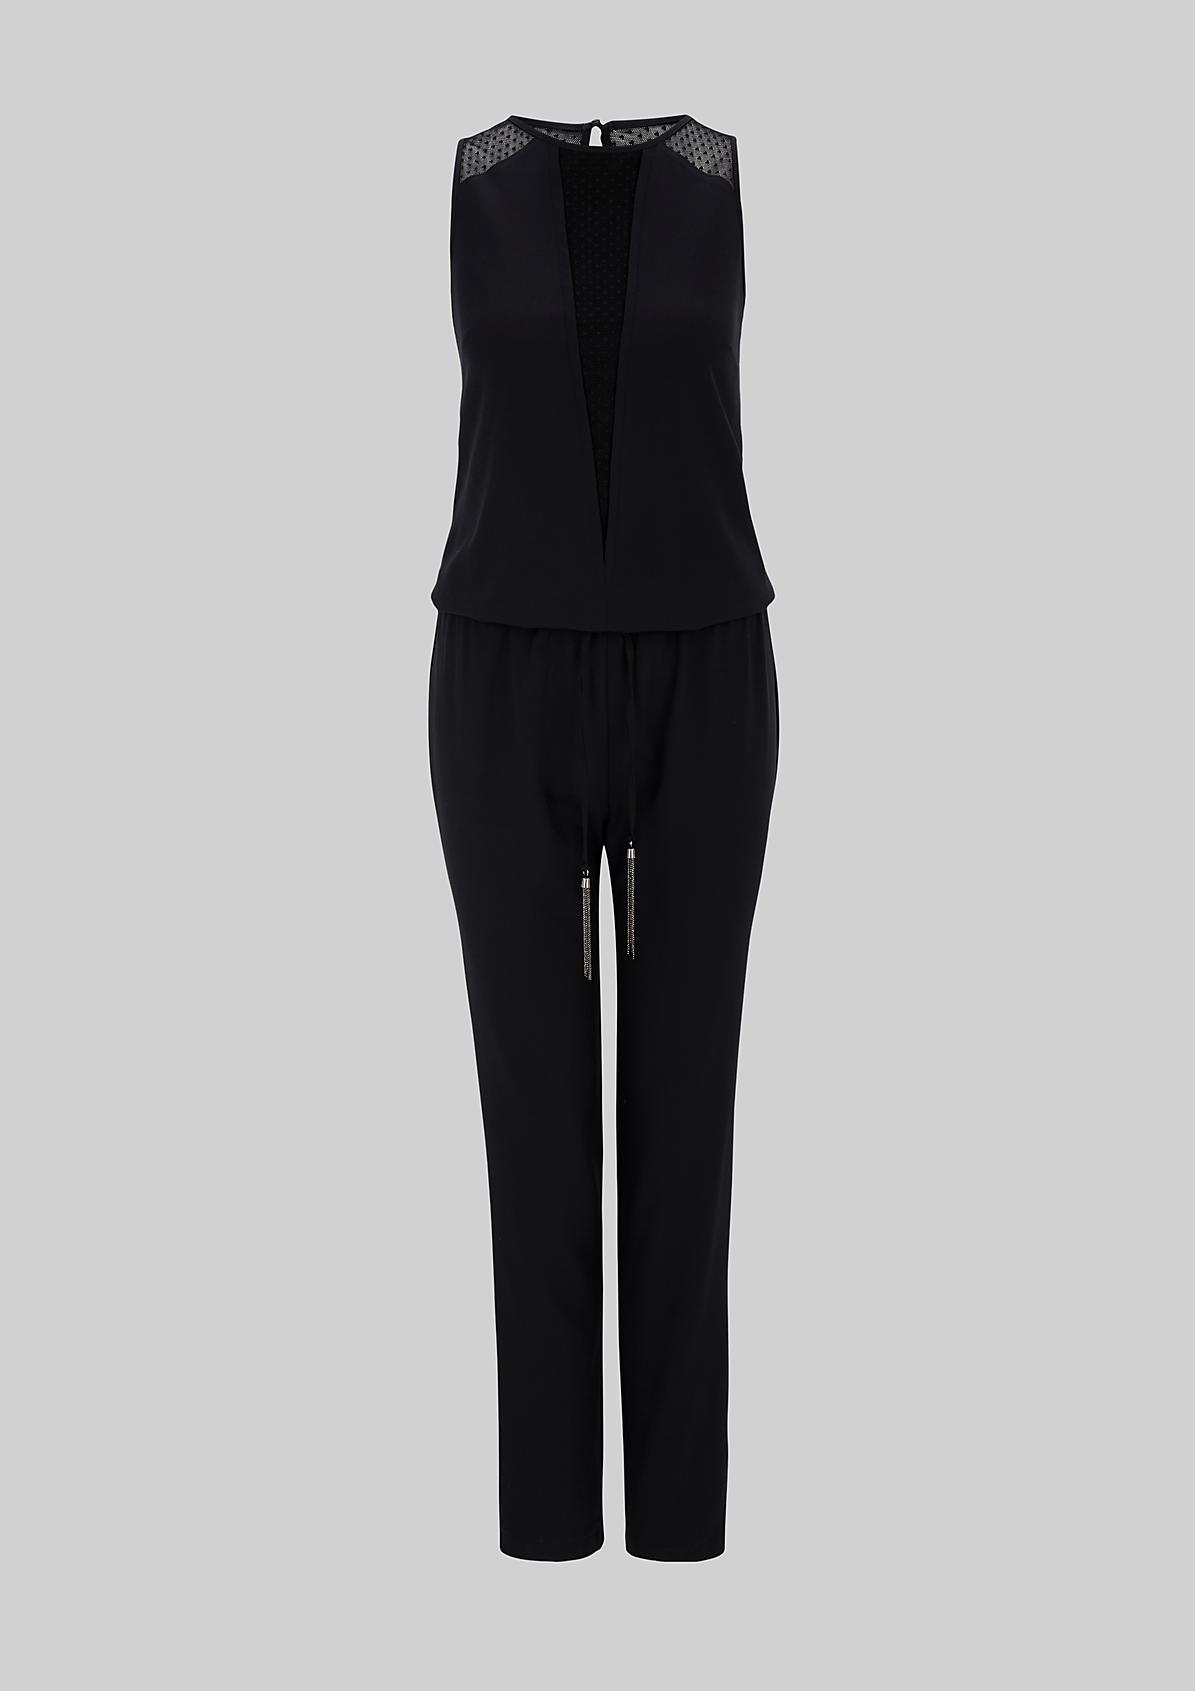 Glamouröser Jumpsuit mit hauchzarten Spitzendetails